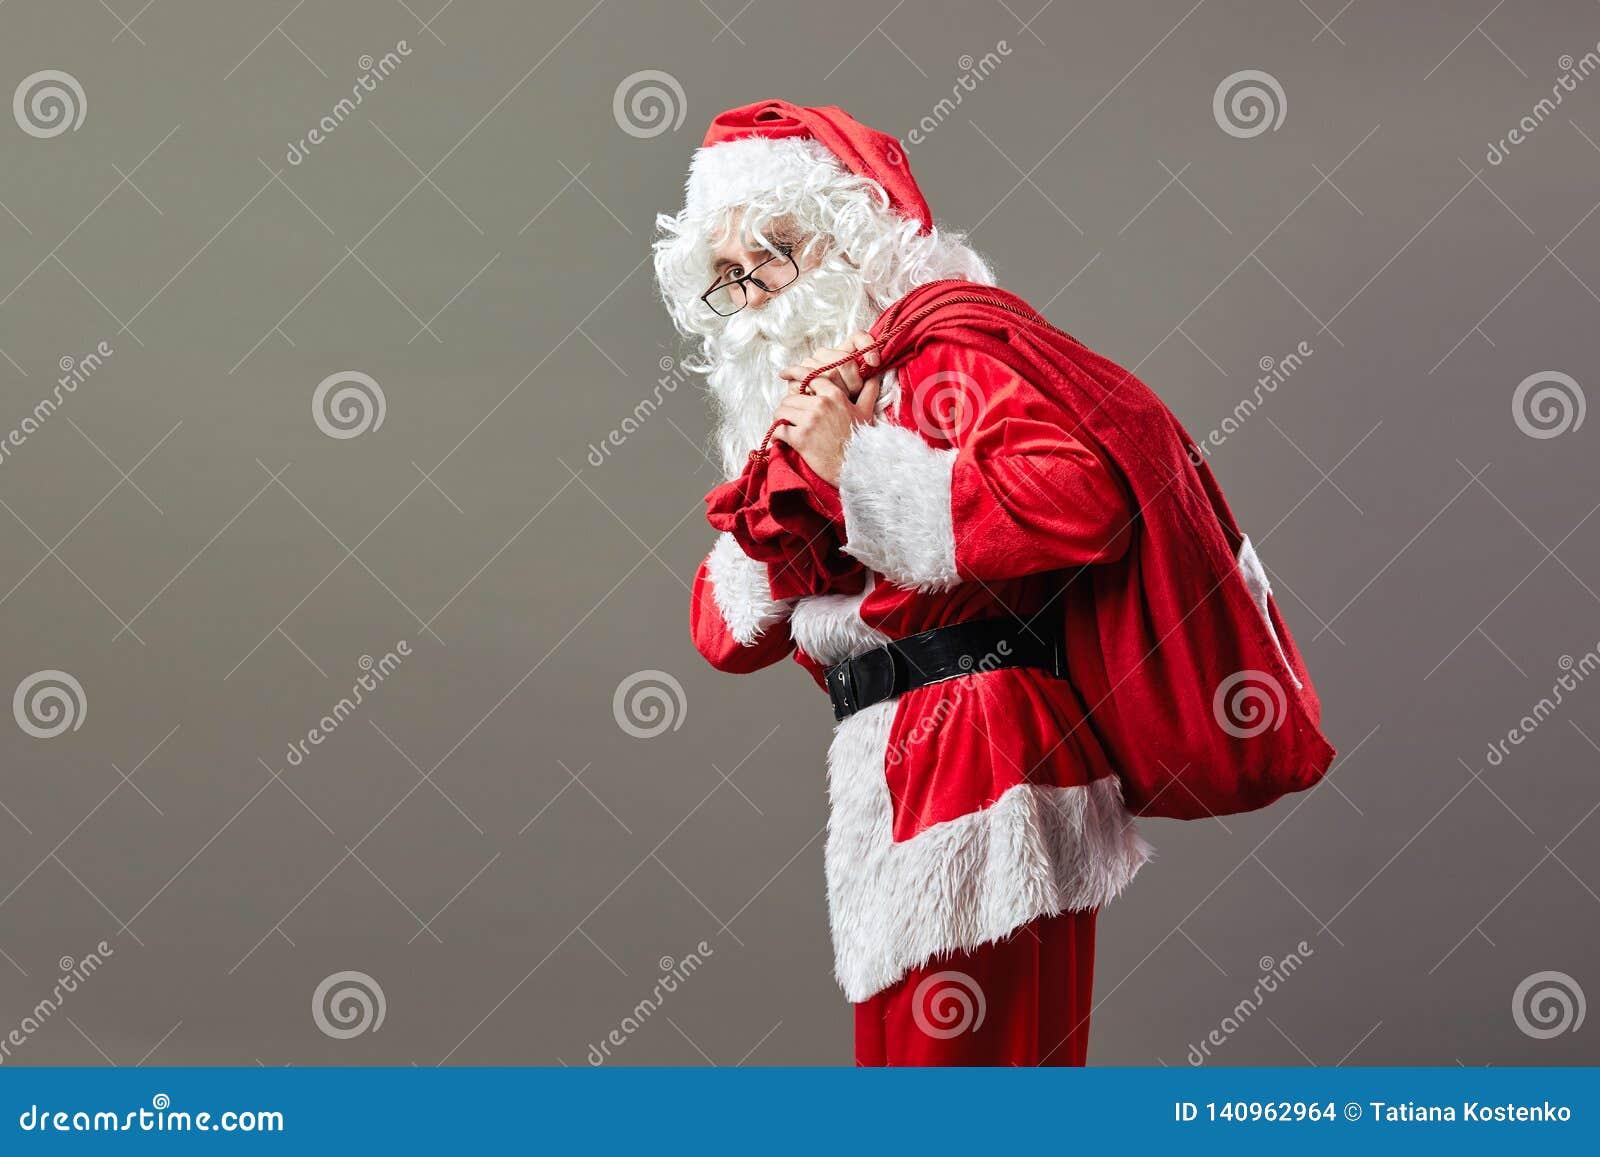 Święty Mikołaj w szkło stojakach z torbą z Bożenarodzeniowymi prezentami na jego plecy na szarym tle